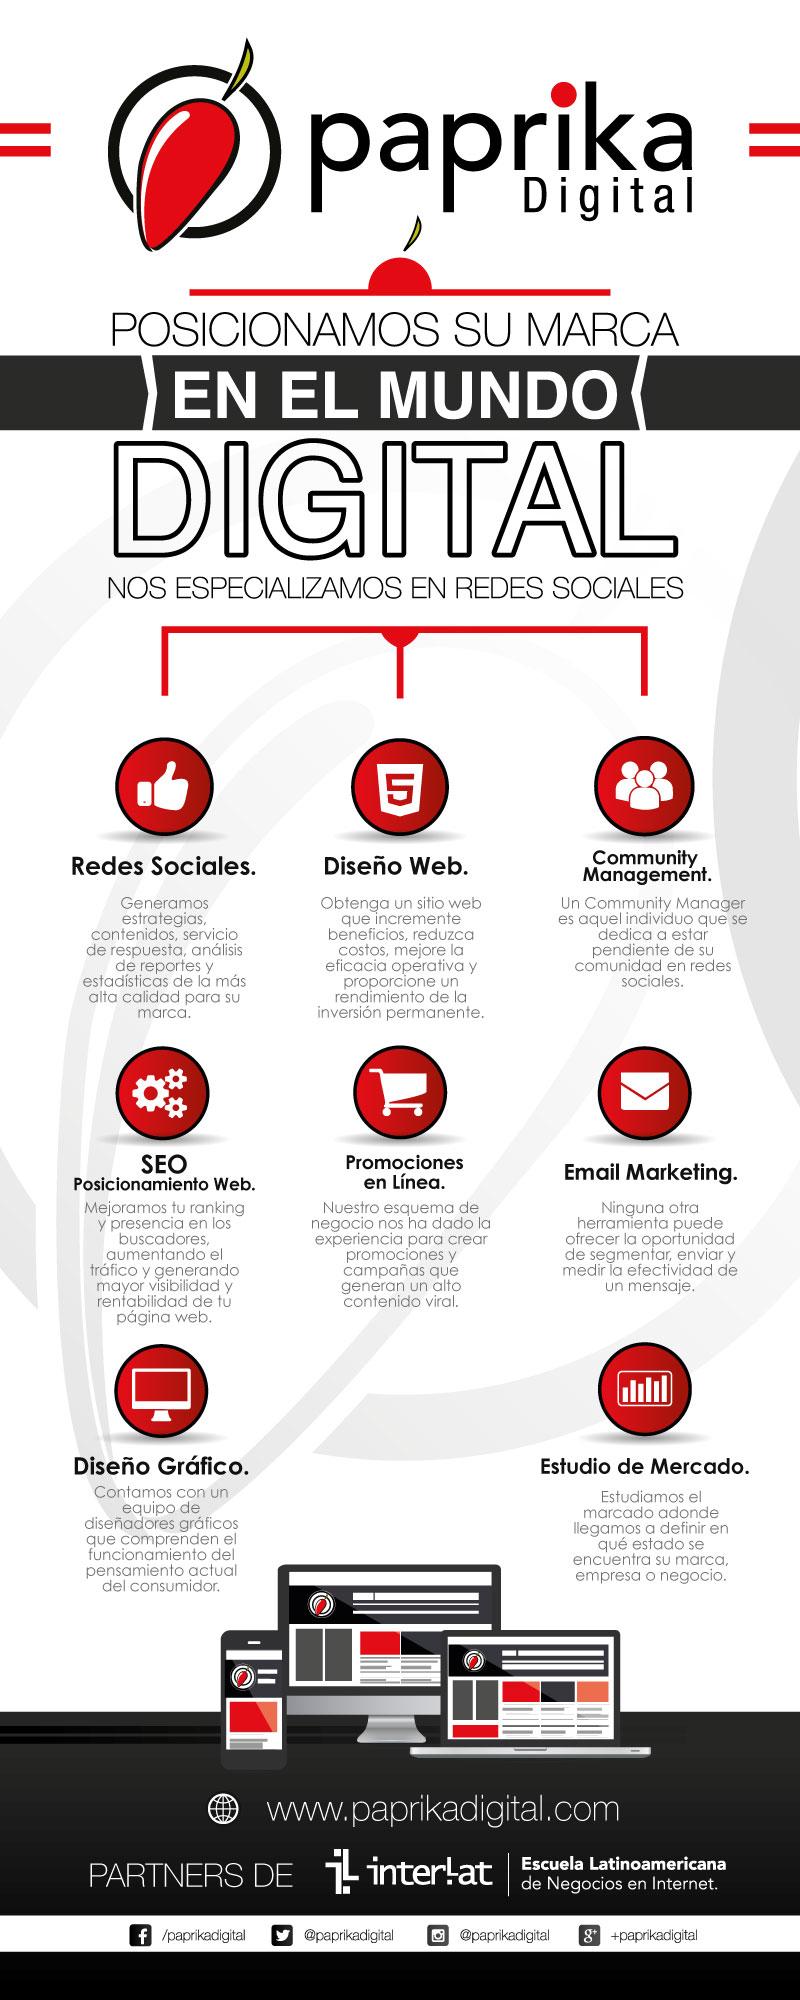 Paprika Digital le ayuda a posicionar su marca en e mundo digital